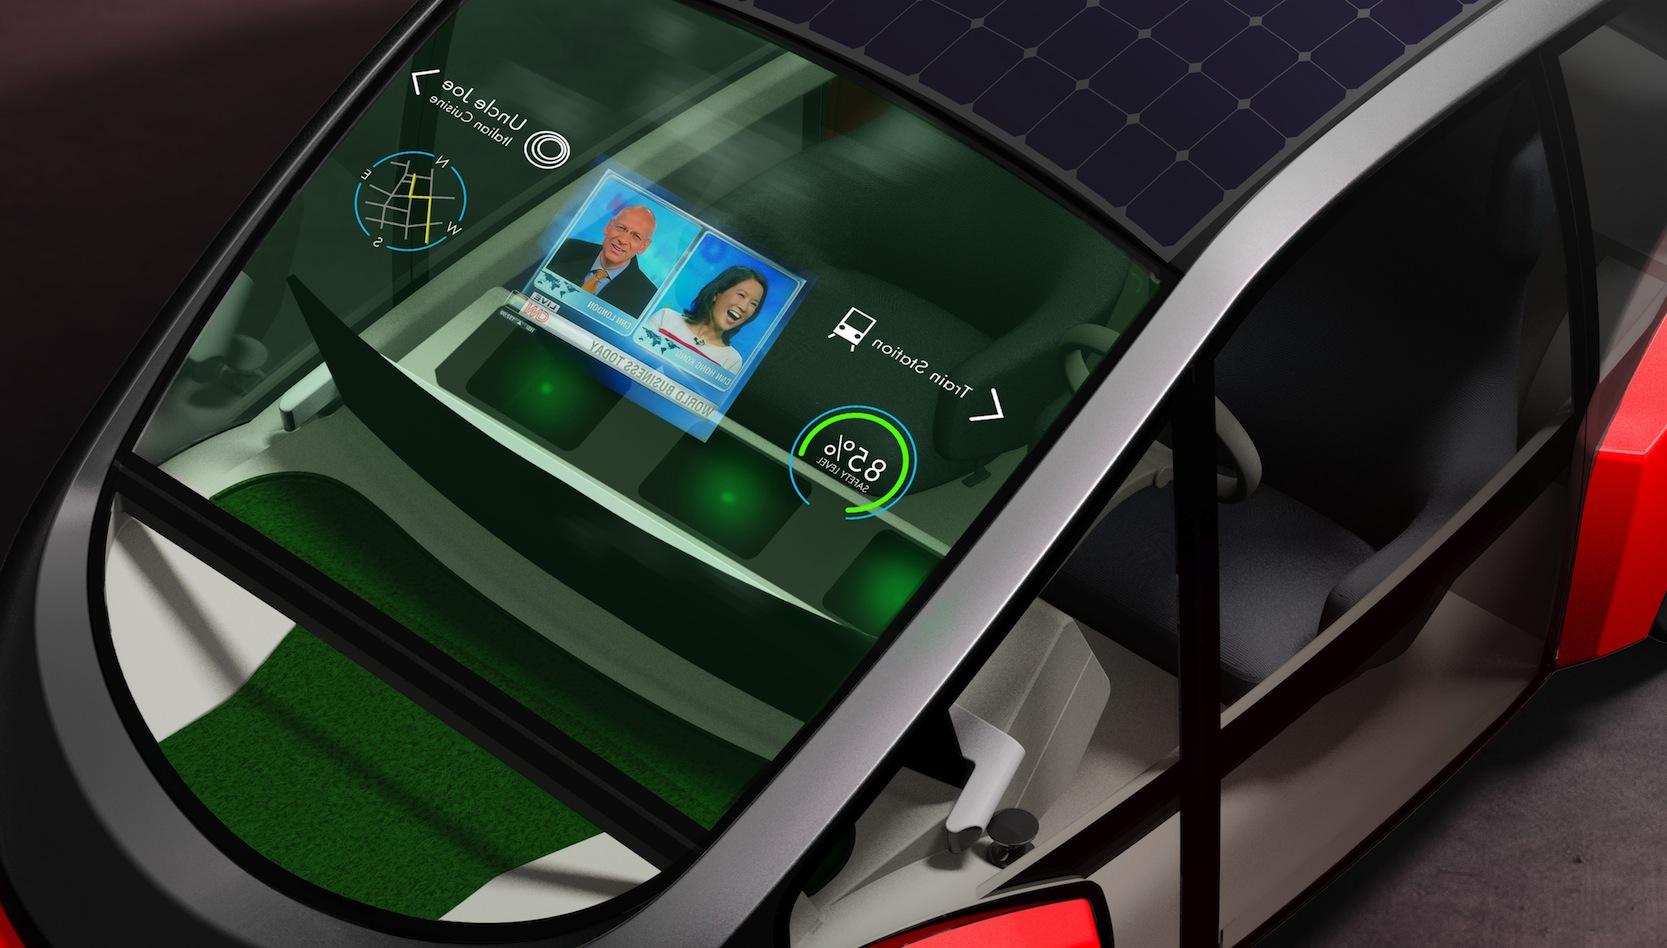 In die Frontscheibe der Studie Oasis sollen Augmented- und Virtual-Reality-Funktionenintegriert. Deutlich sichtbar ist die kleine Rasenfläche.